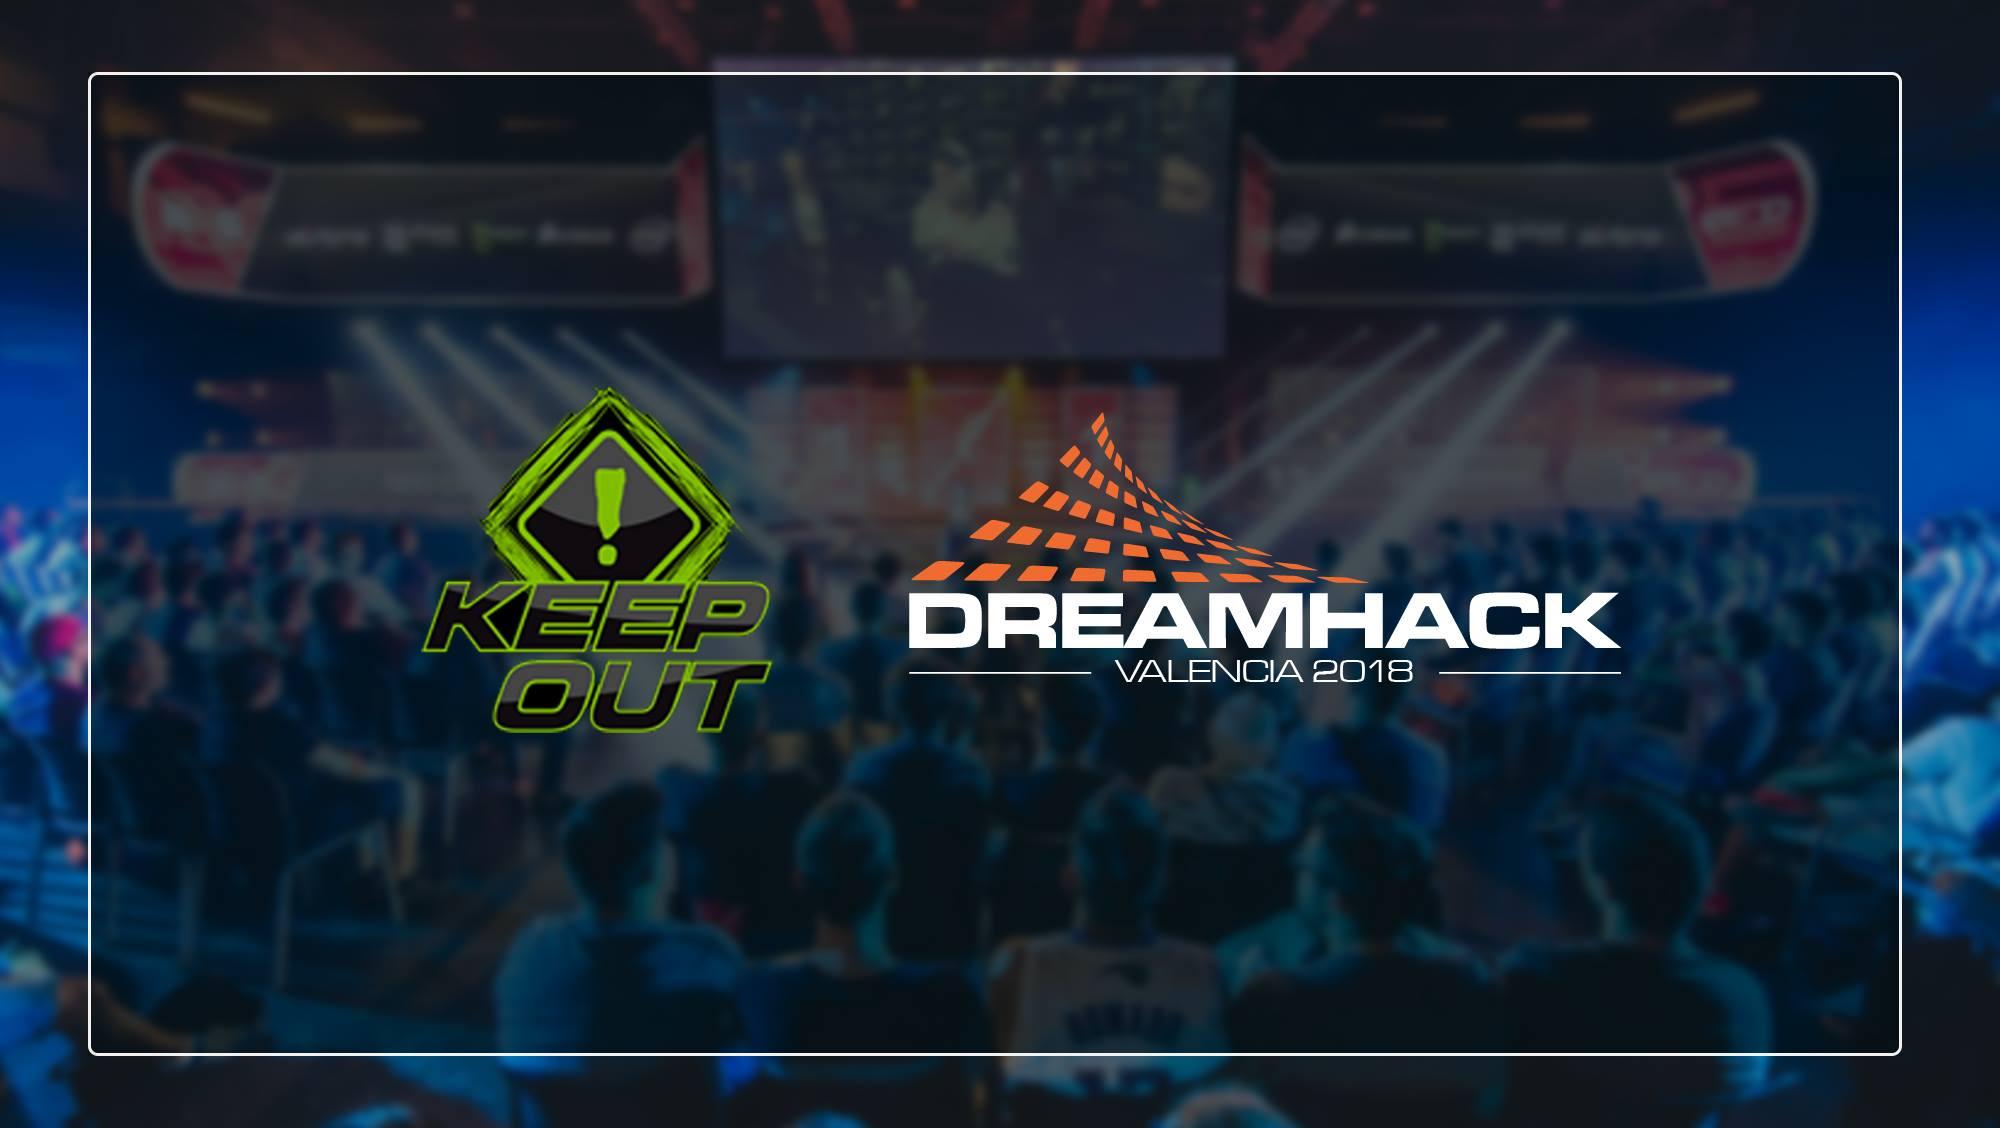 Fanáticos del Hardware en la DreamHack 2018